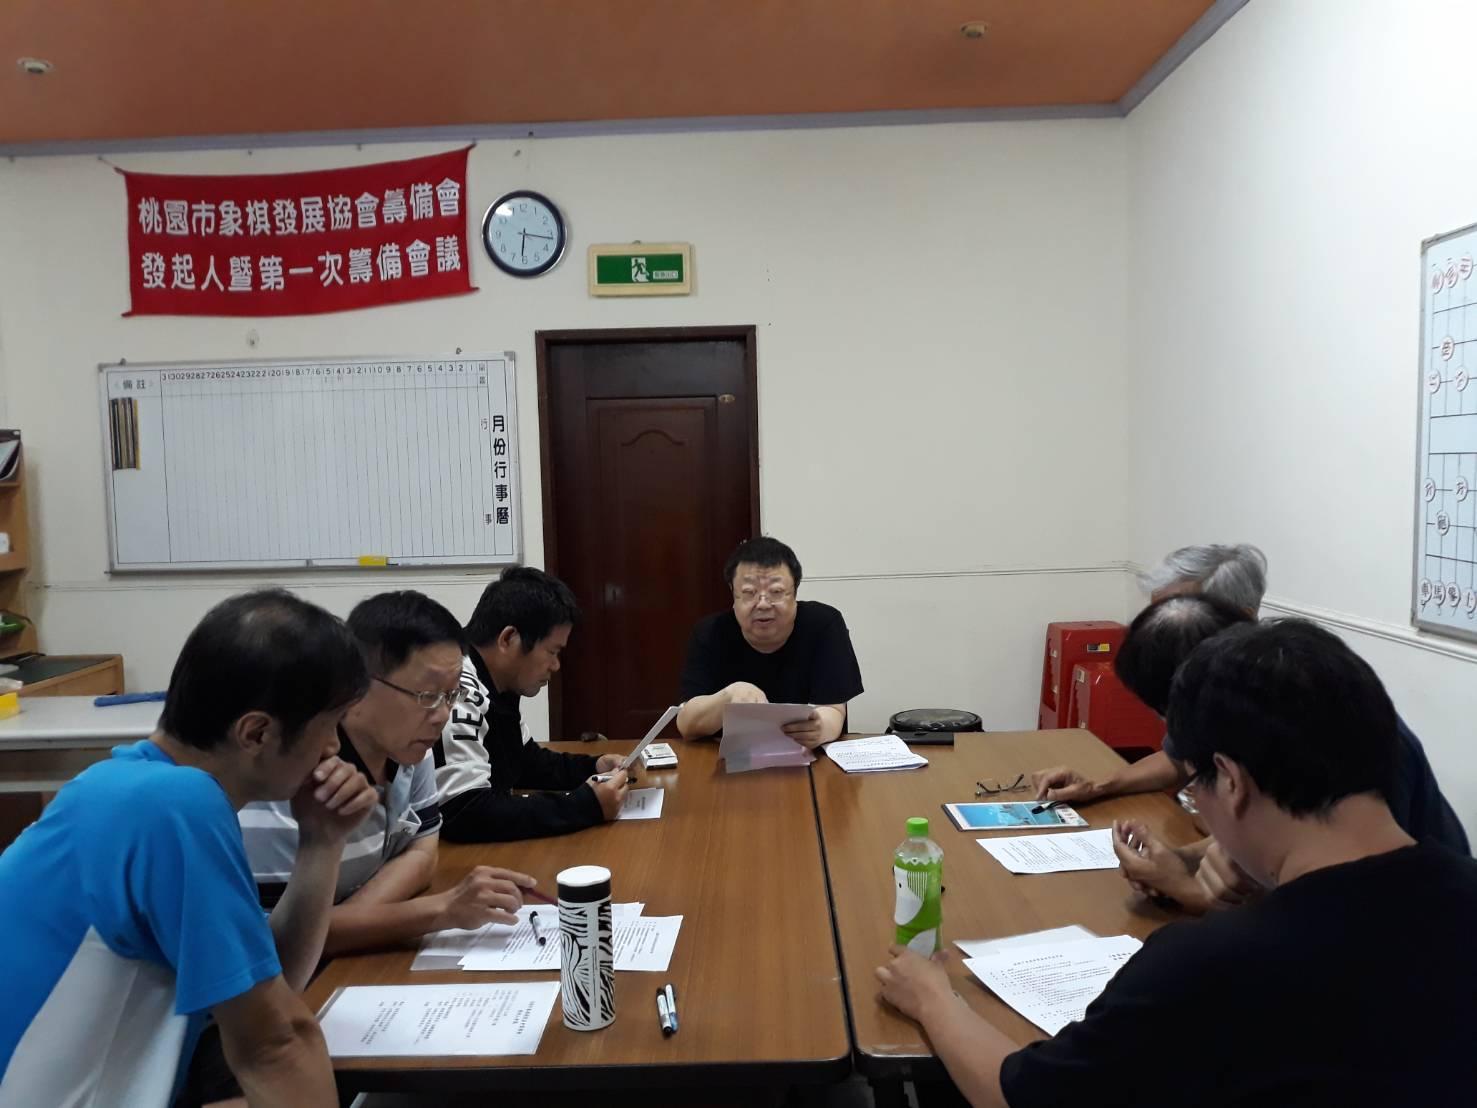 桃園市象棋發展協會第一次籌備會議3